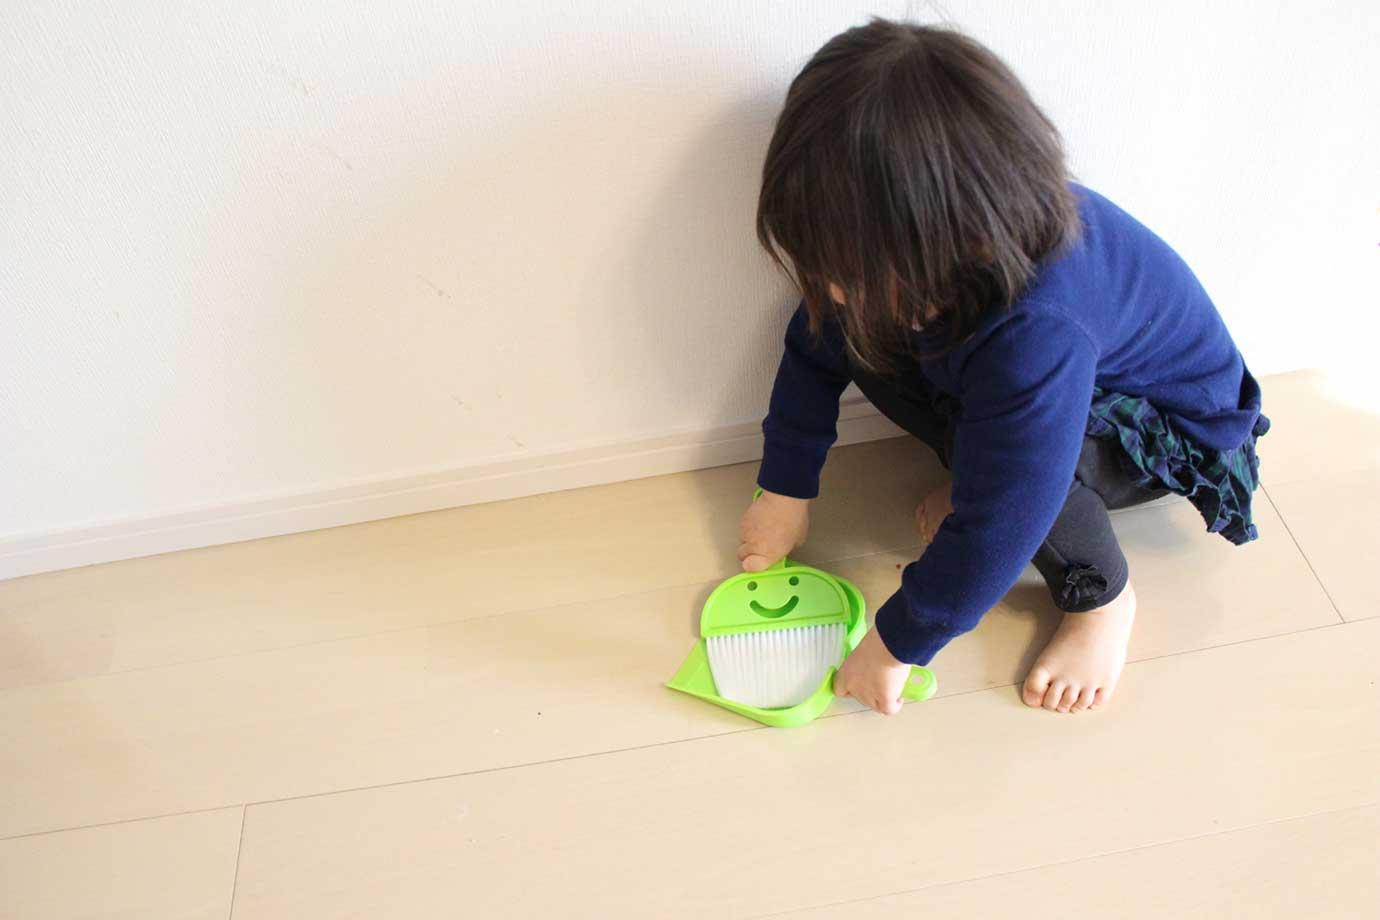 自分専用の掃除道具は、愛着が湧くもの。一緒に買い物に行って、子どもに掃除道具を選ばせるのもよいでしょう